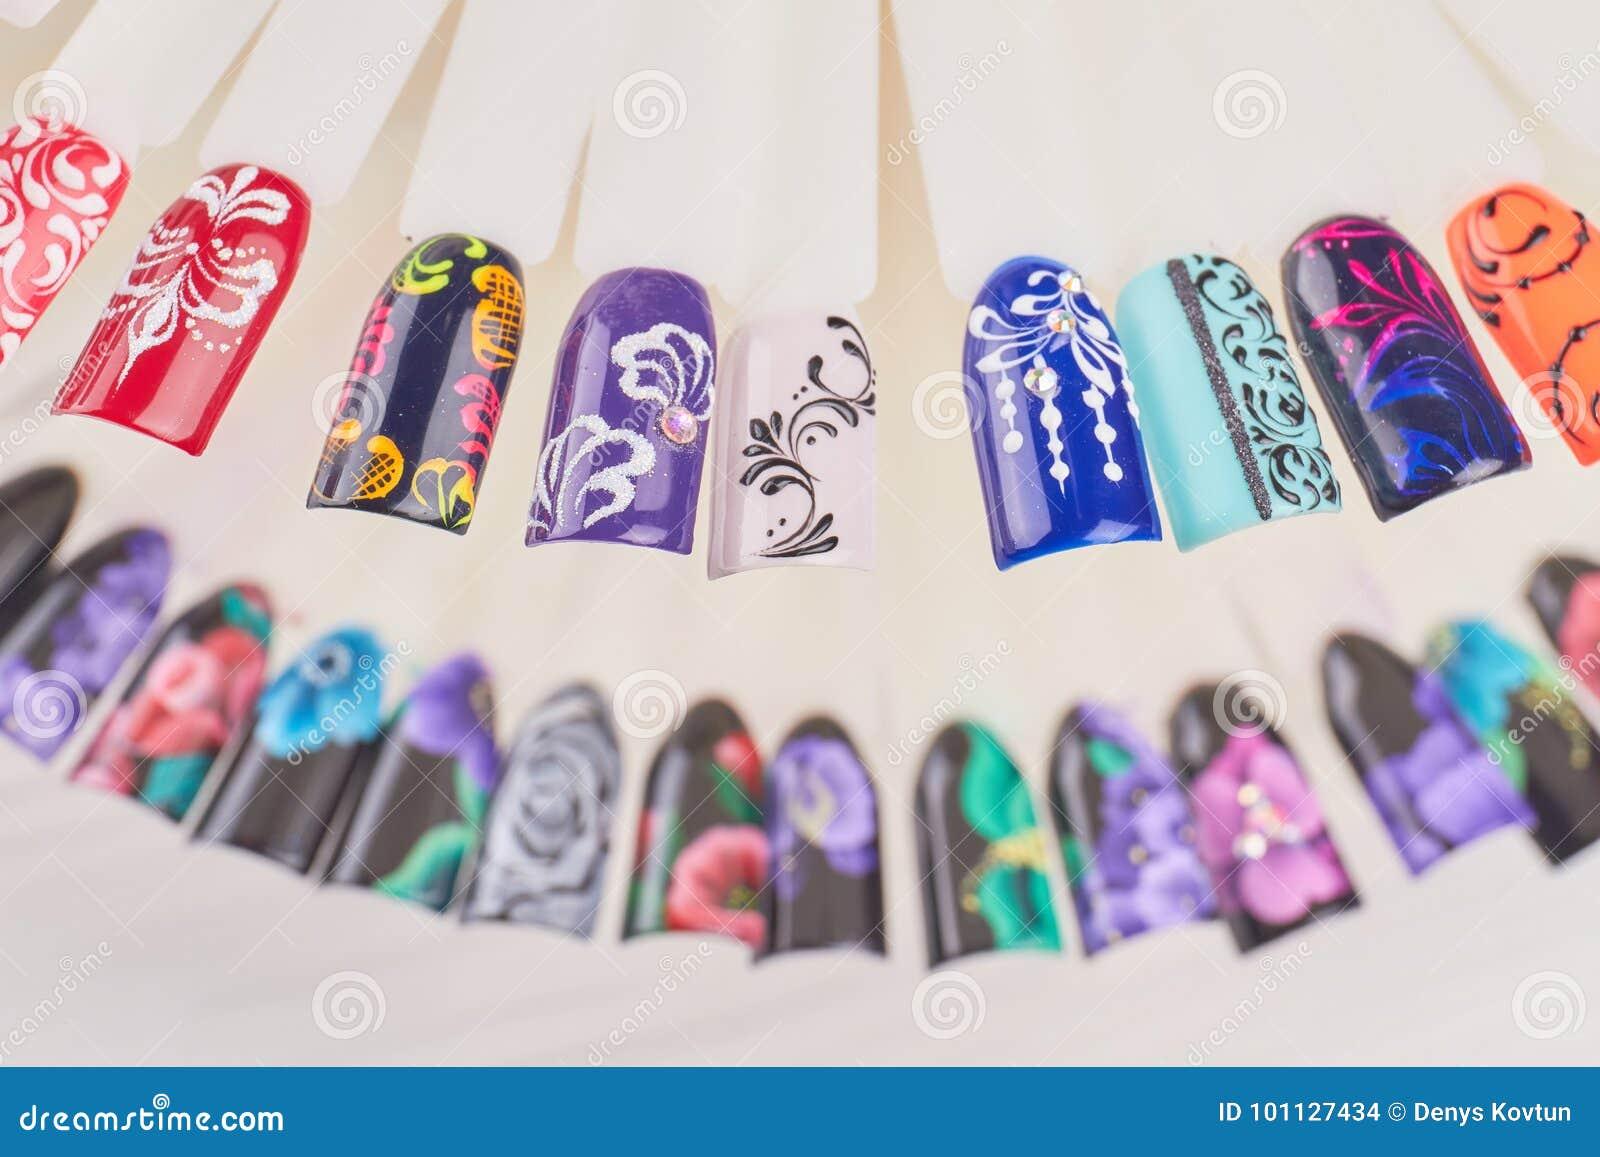 Finger Nail Art Design Samples. Stock Photo - Image of nail ...